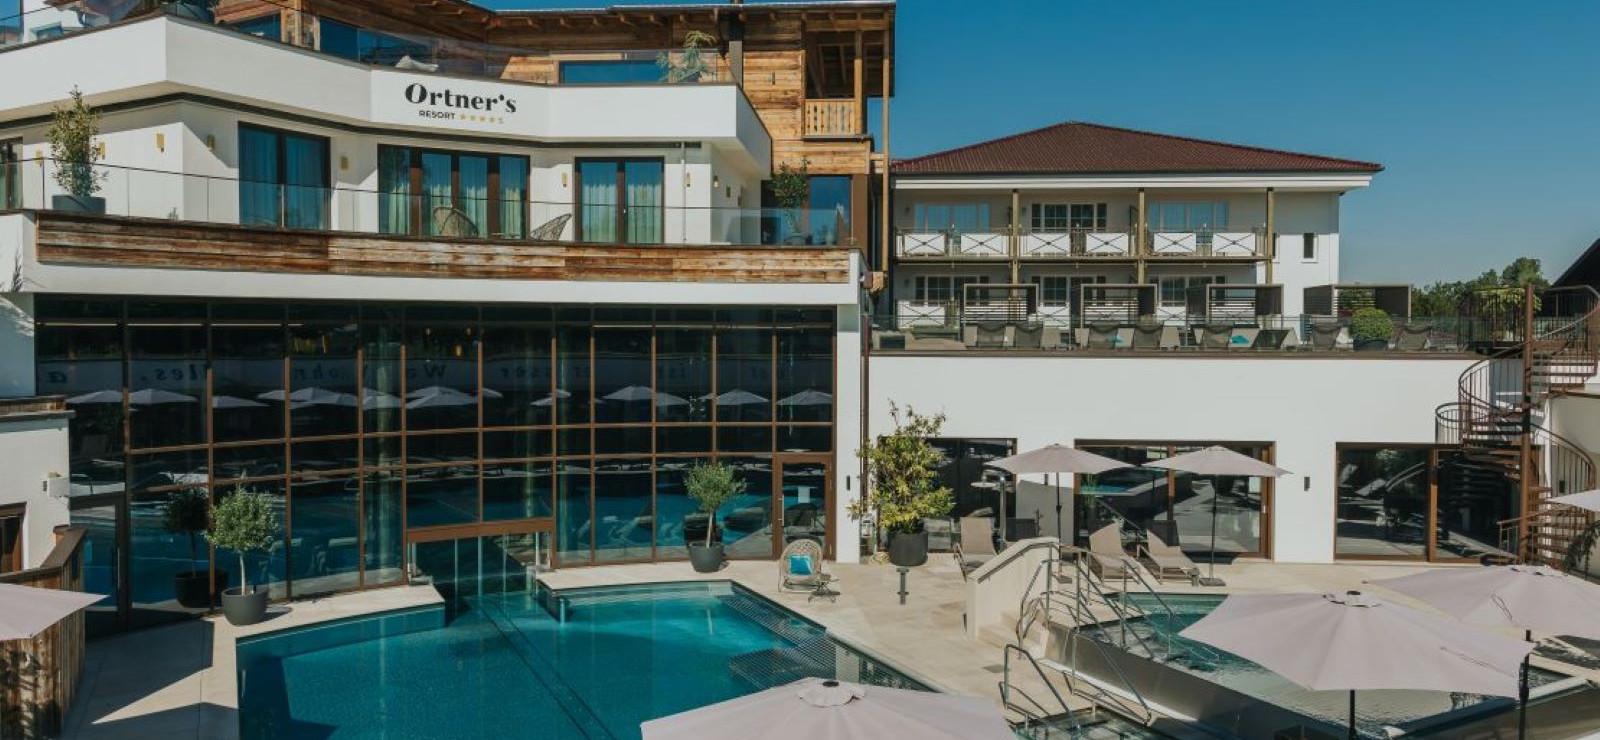 Ortner`s Resort****S Bilder | Bild 1